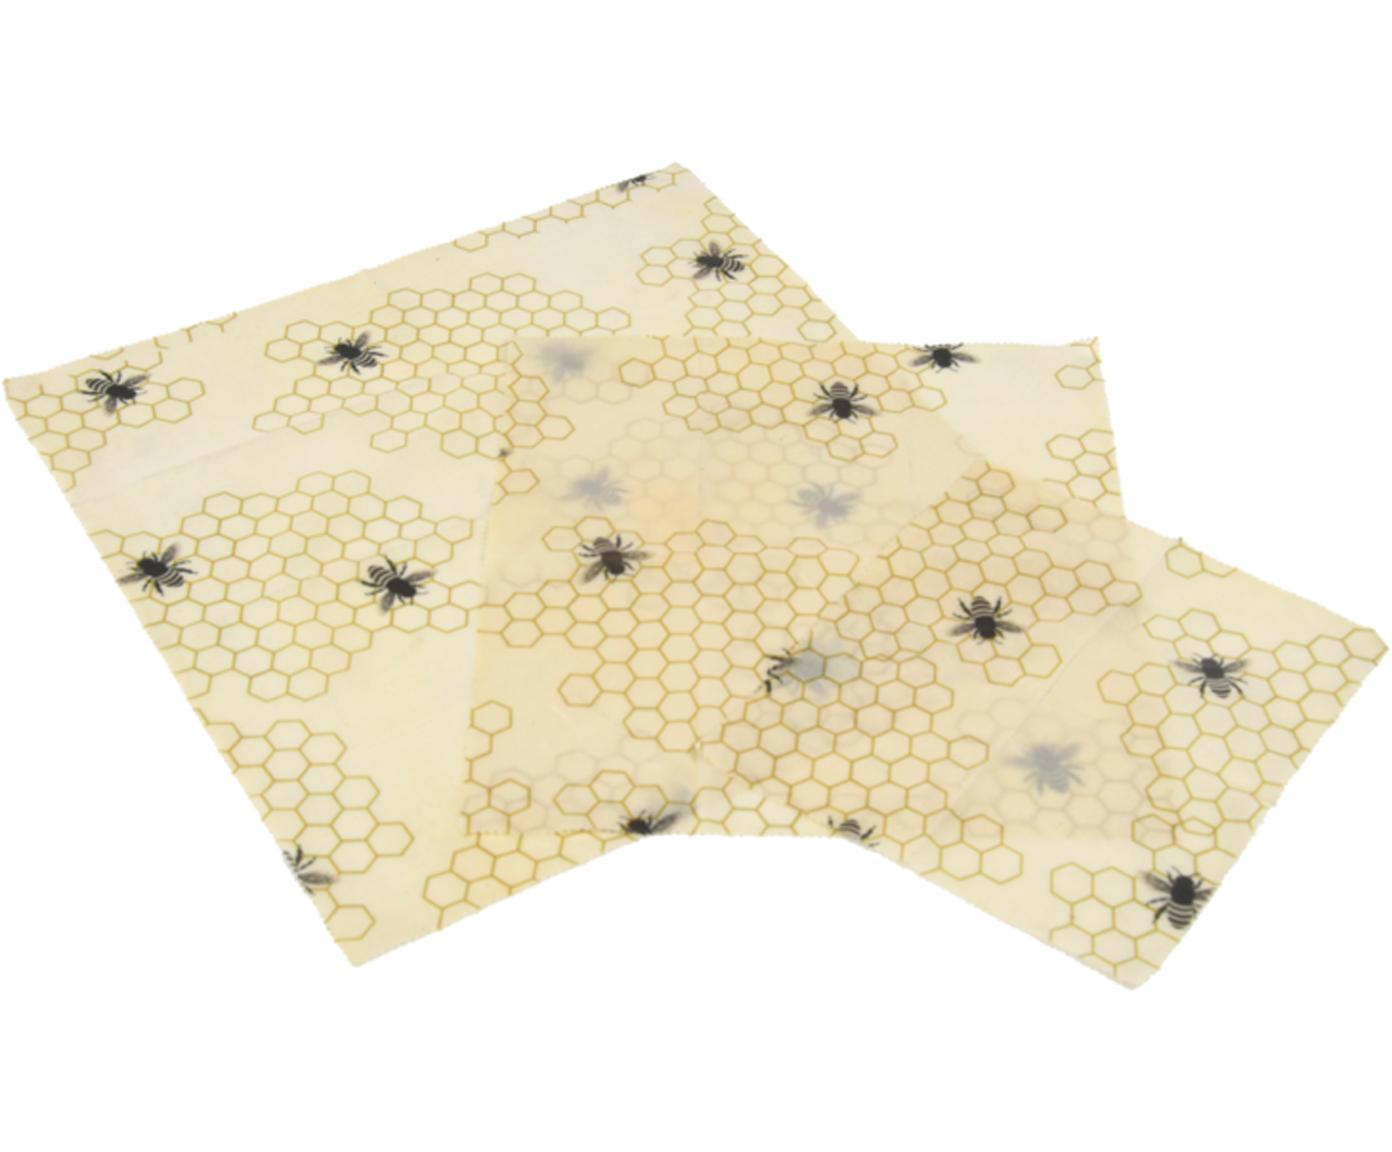 Bienenwachstücher Bee, 3er-Set, Baumwolle, Wachs, Gelb, Schwarz, Sondergrößen